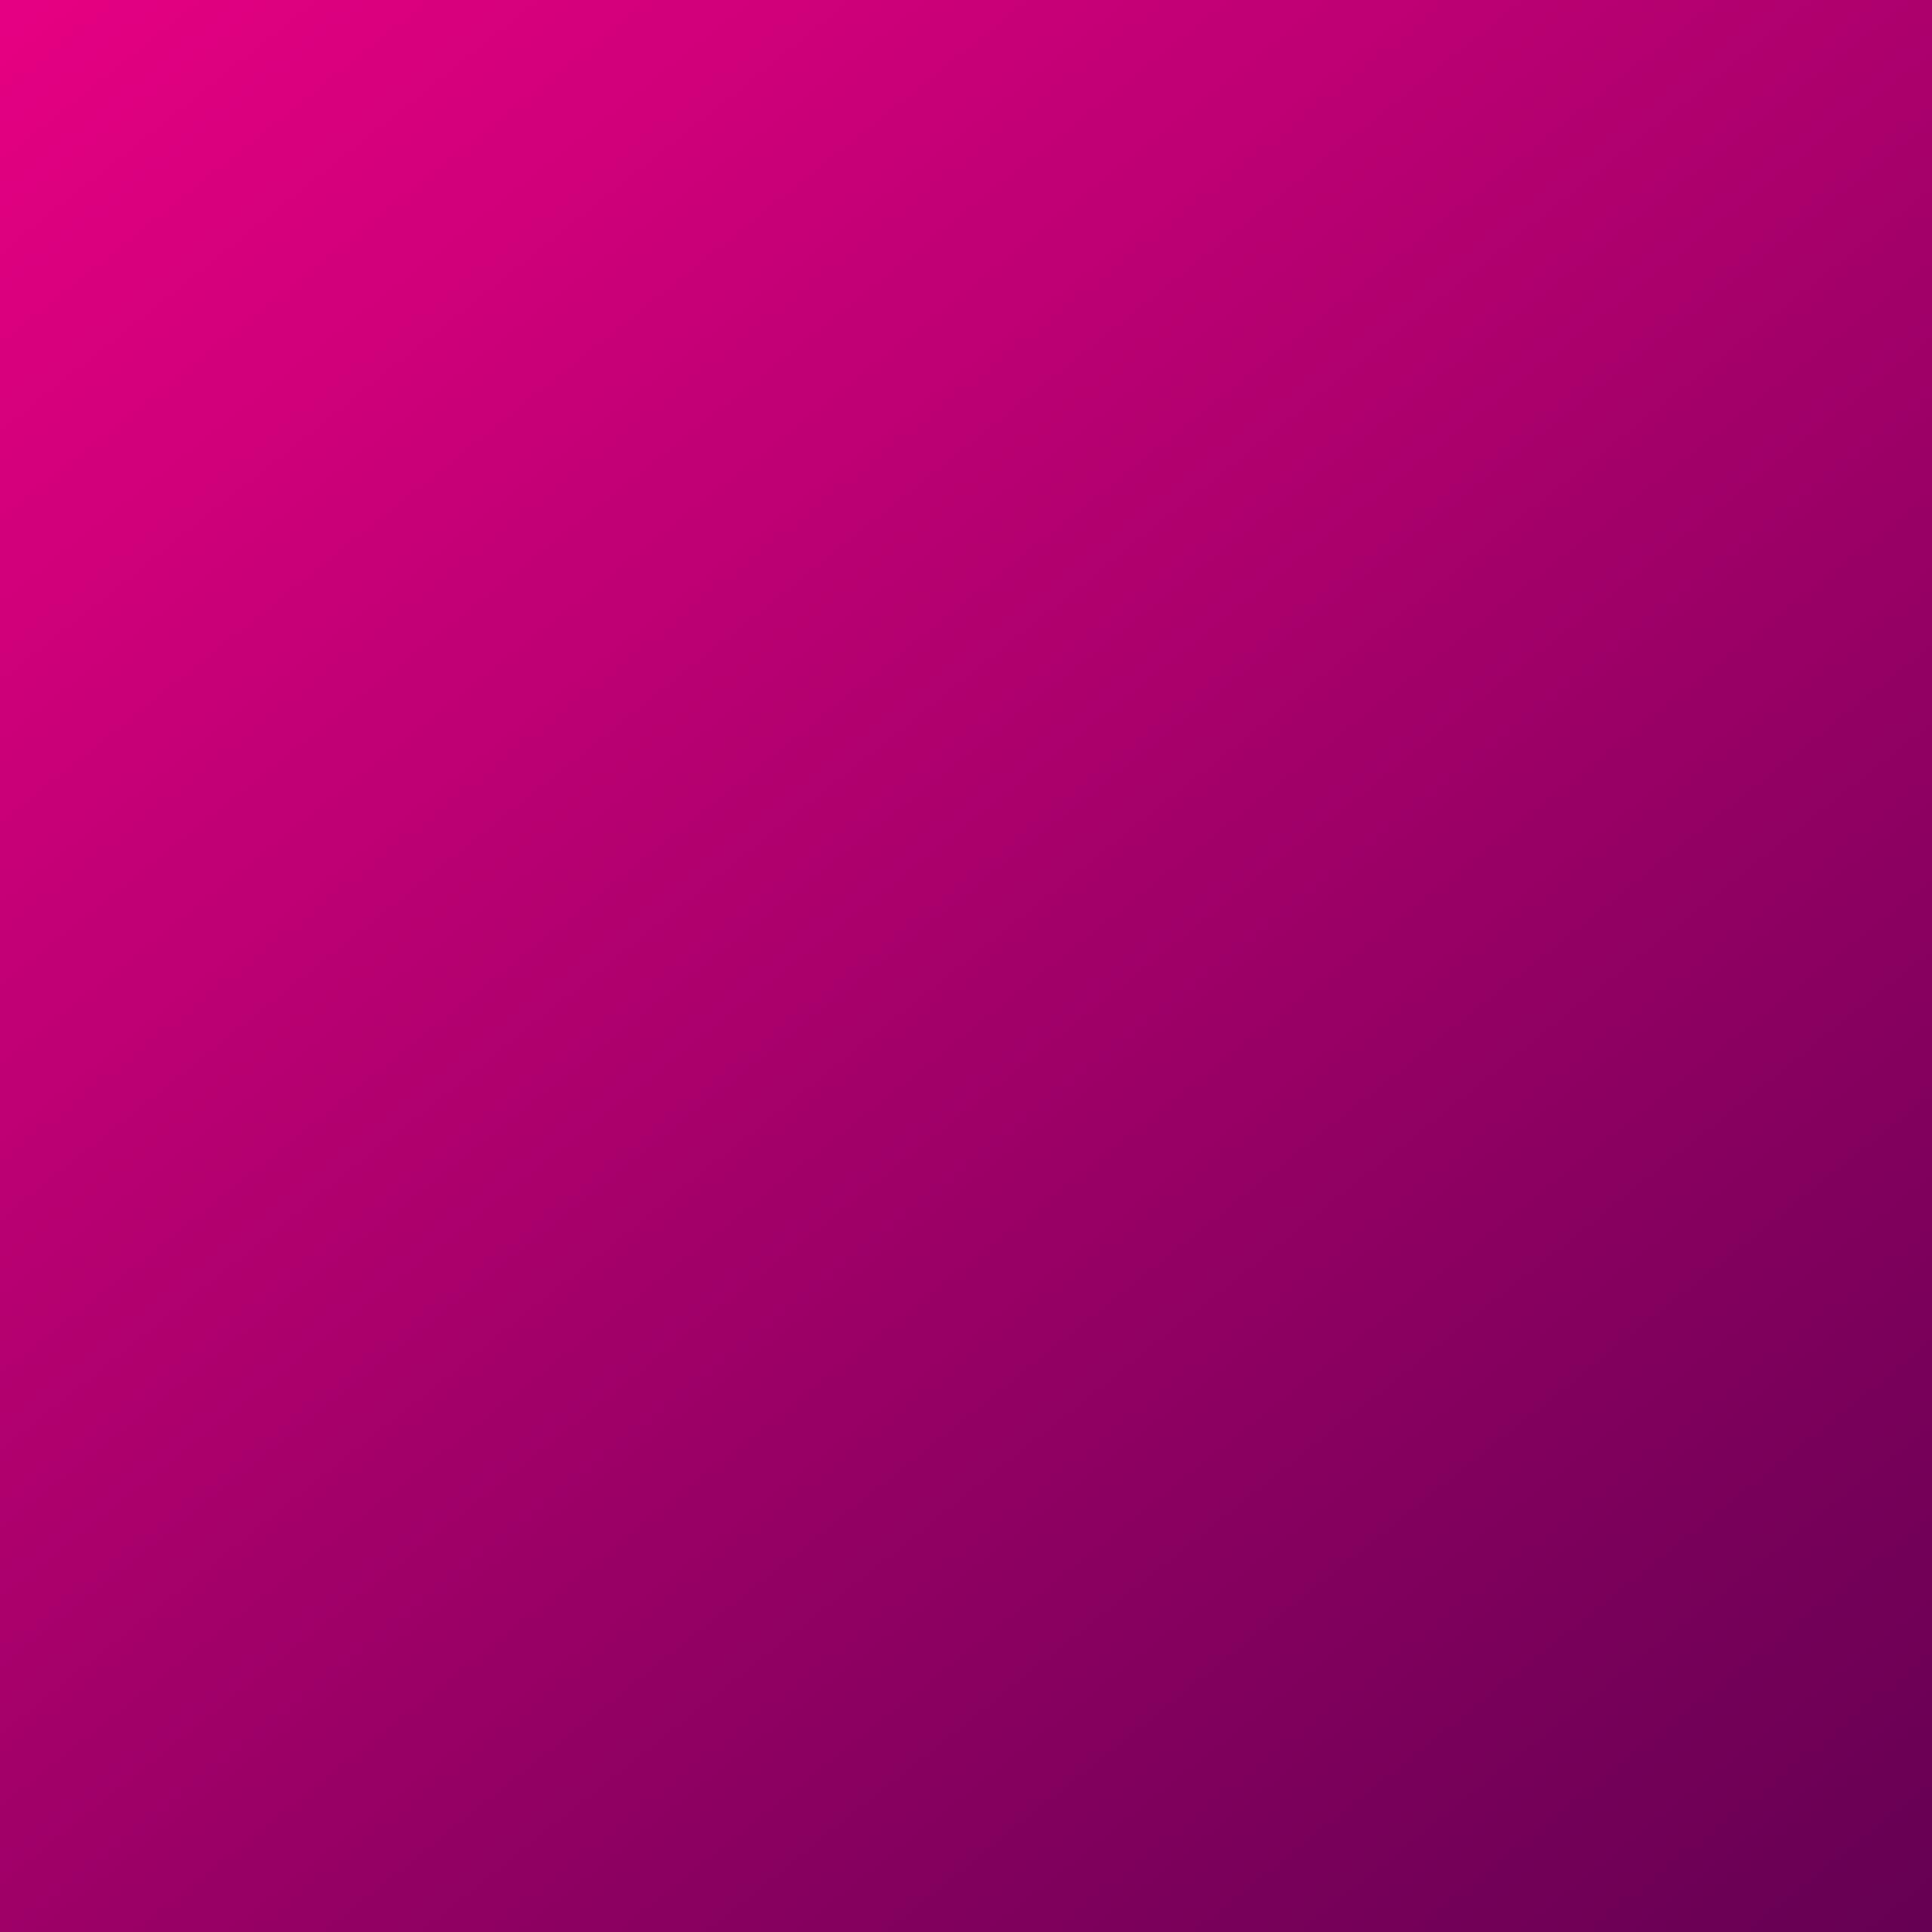 pics photos ipad air wallpaper retina background plastic